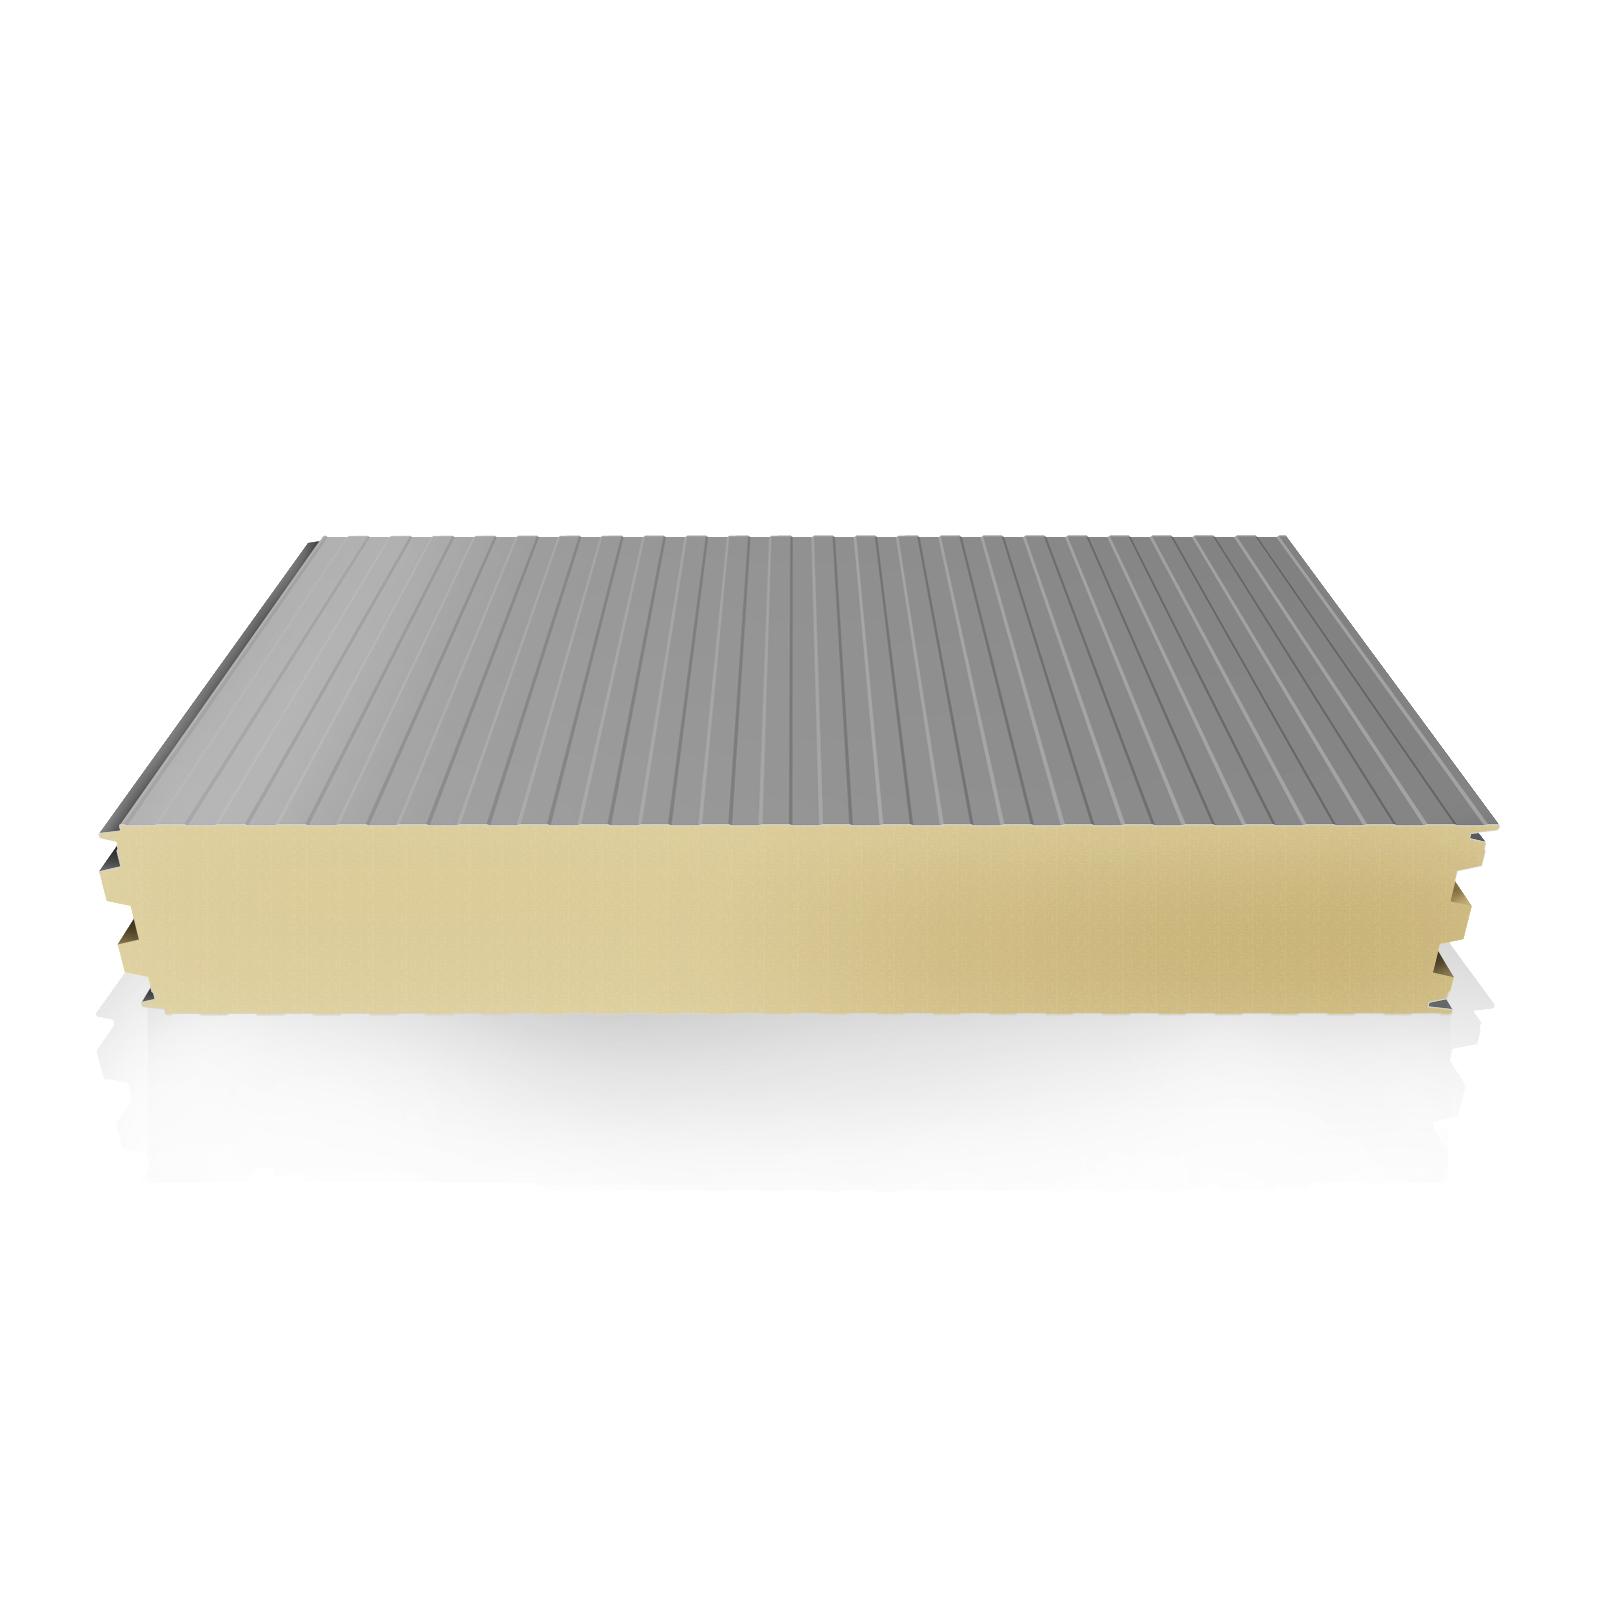 Pannelli isolanti termici pluripanel pannelli coibentati - Pannelli isolanti termici ...